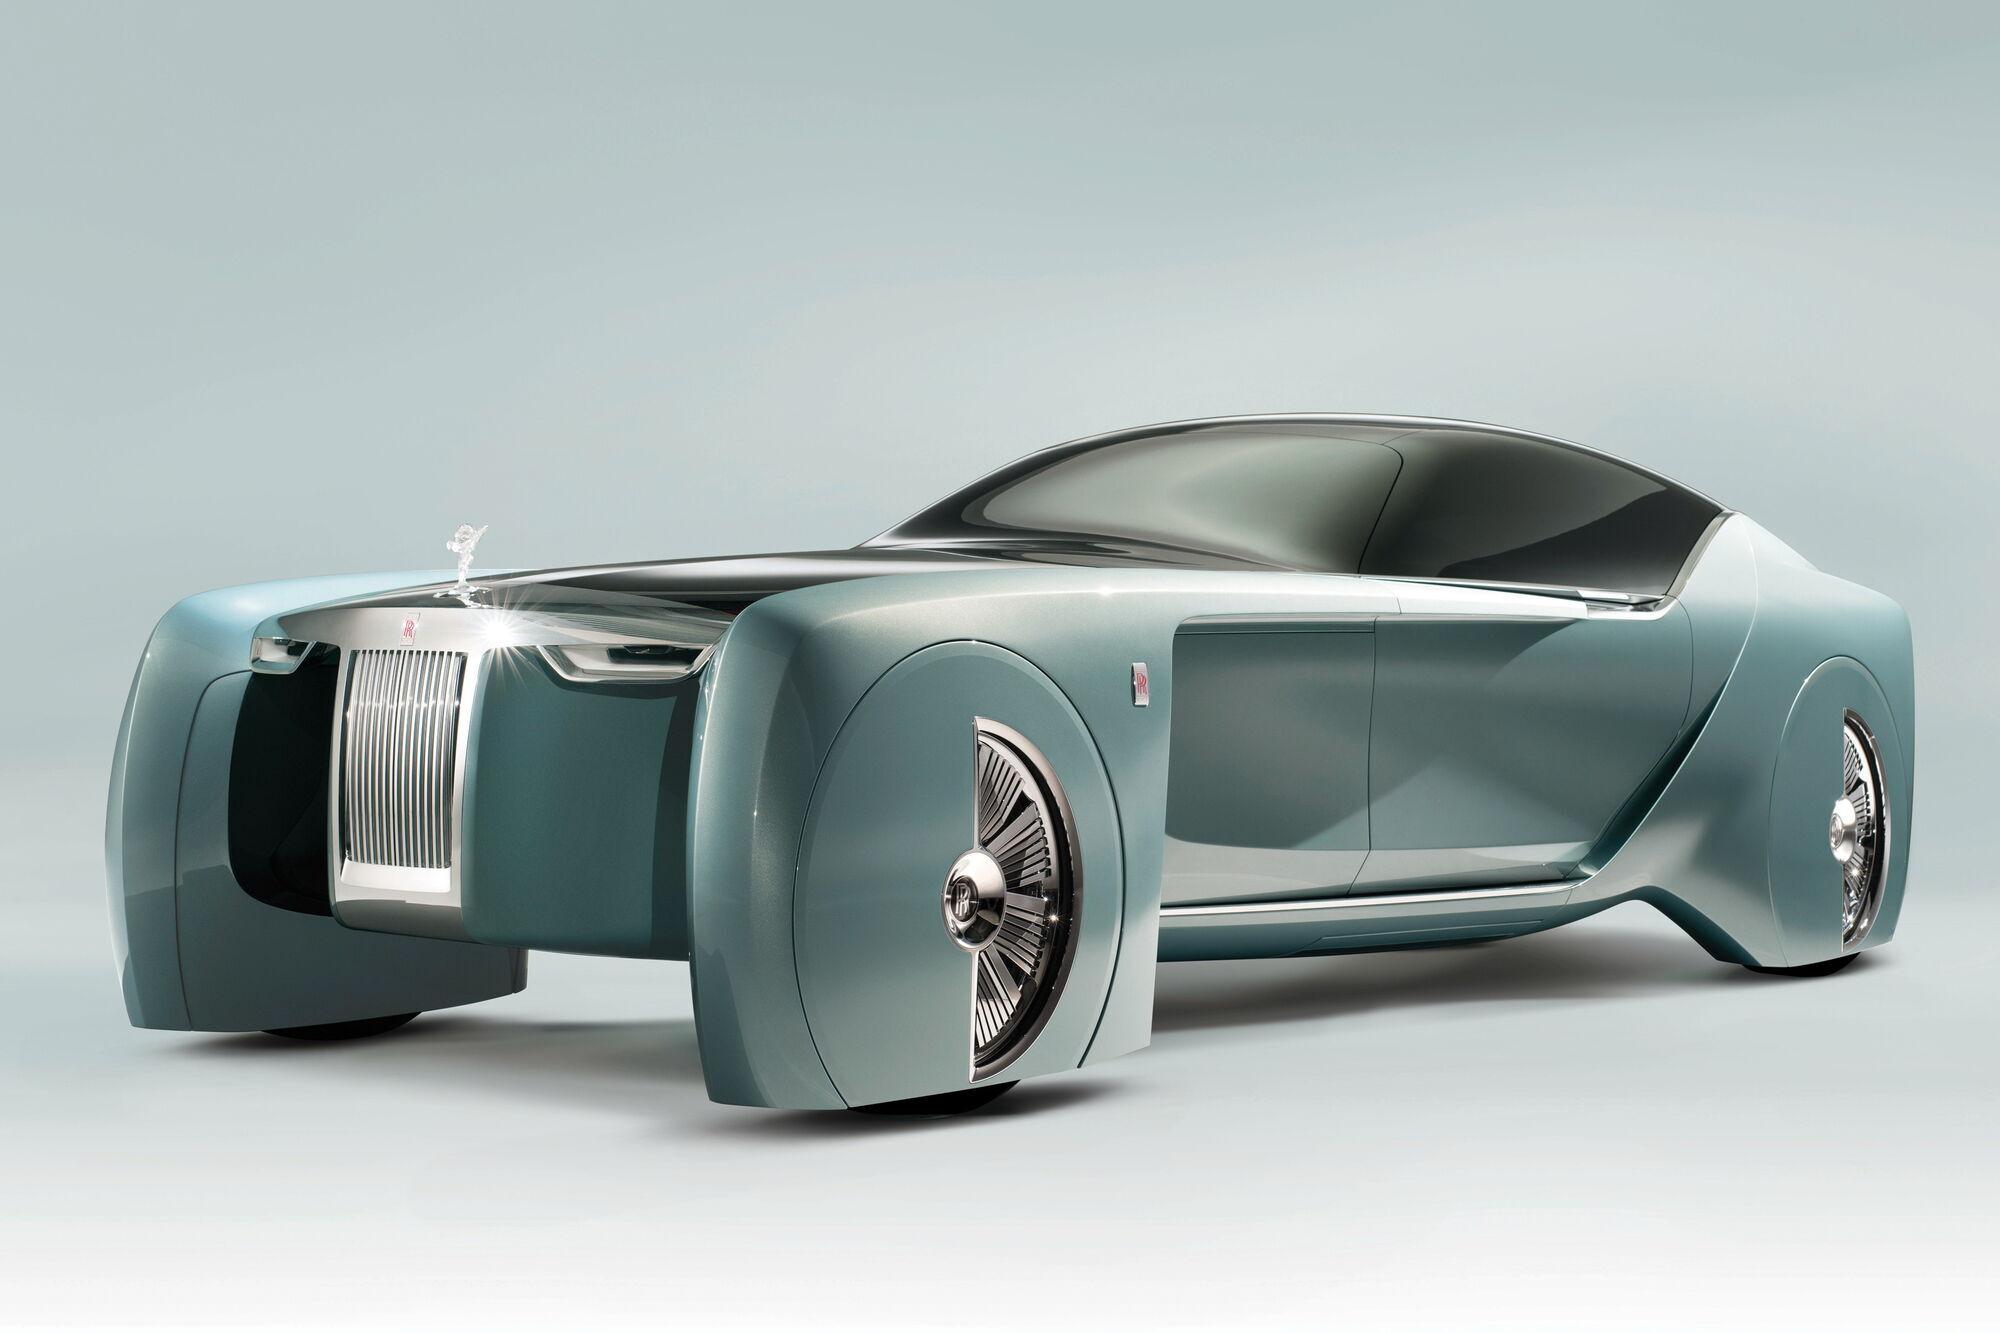 Концептуальний електромобіль Rolls-Royce 103EX було презентовано у 2016 році